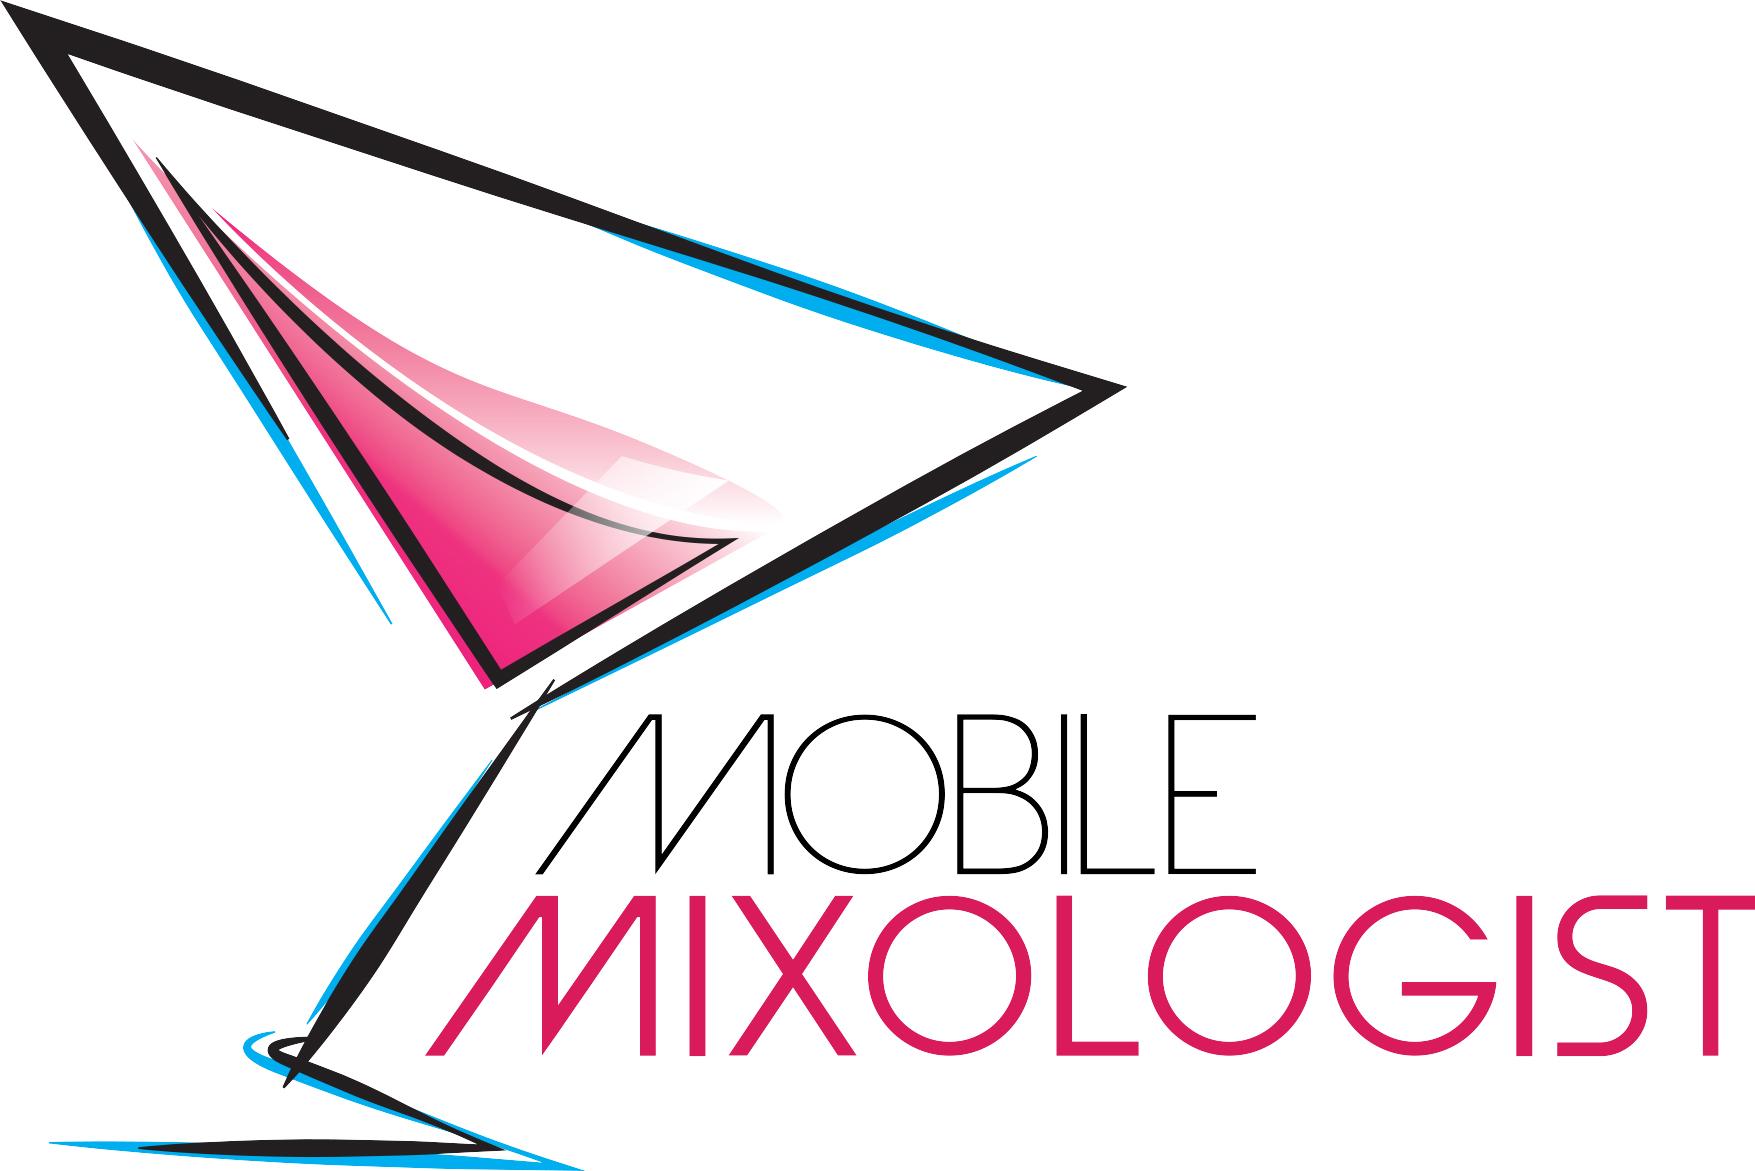 mobile mixologist logo-01.jpg